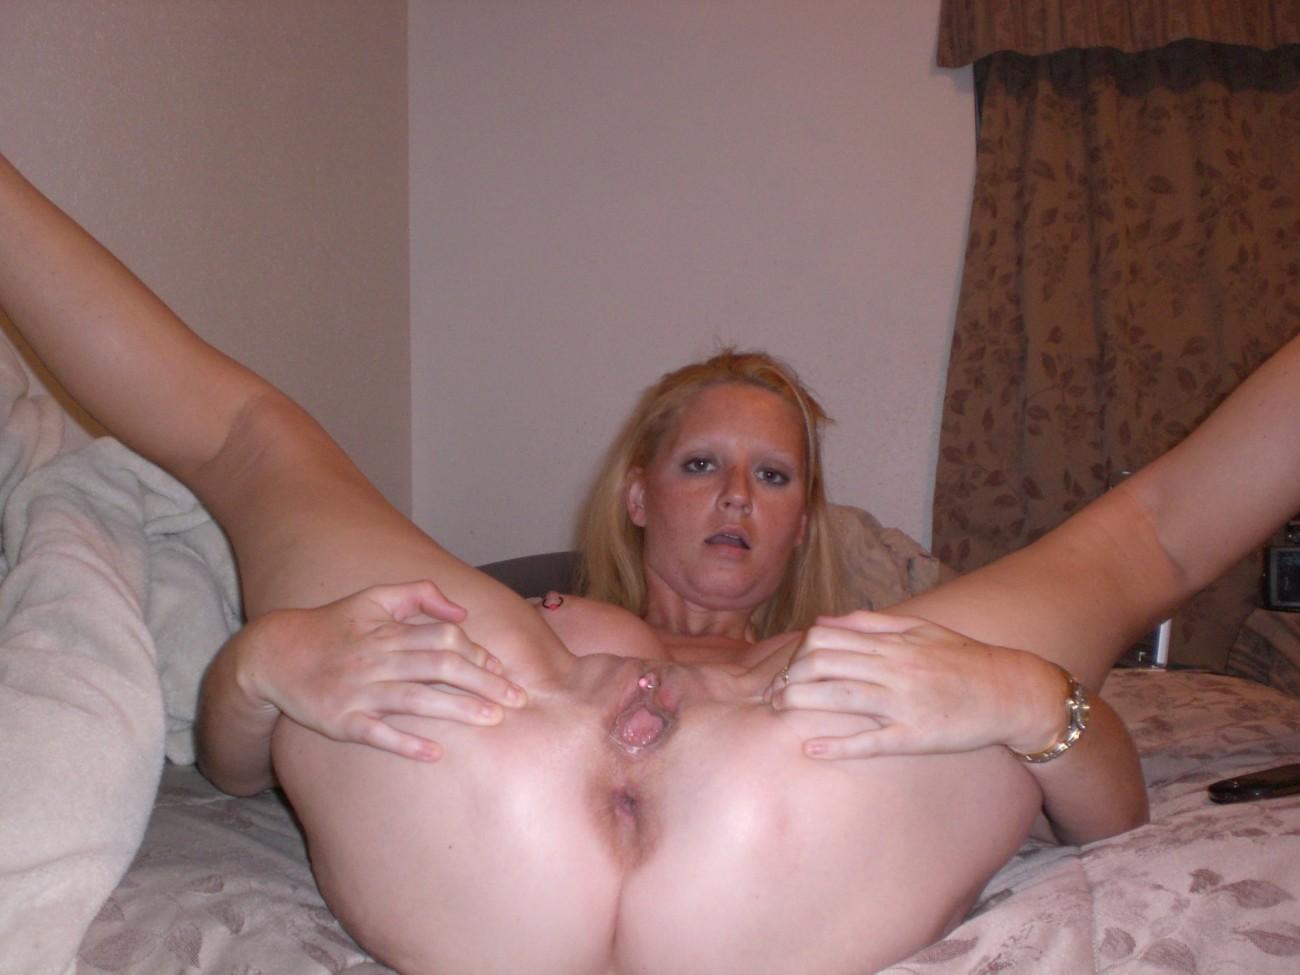 Beautiful Mature Nude Blonde Wife